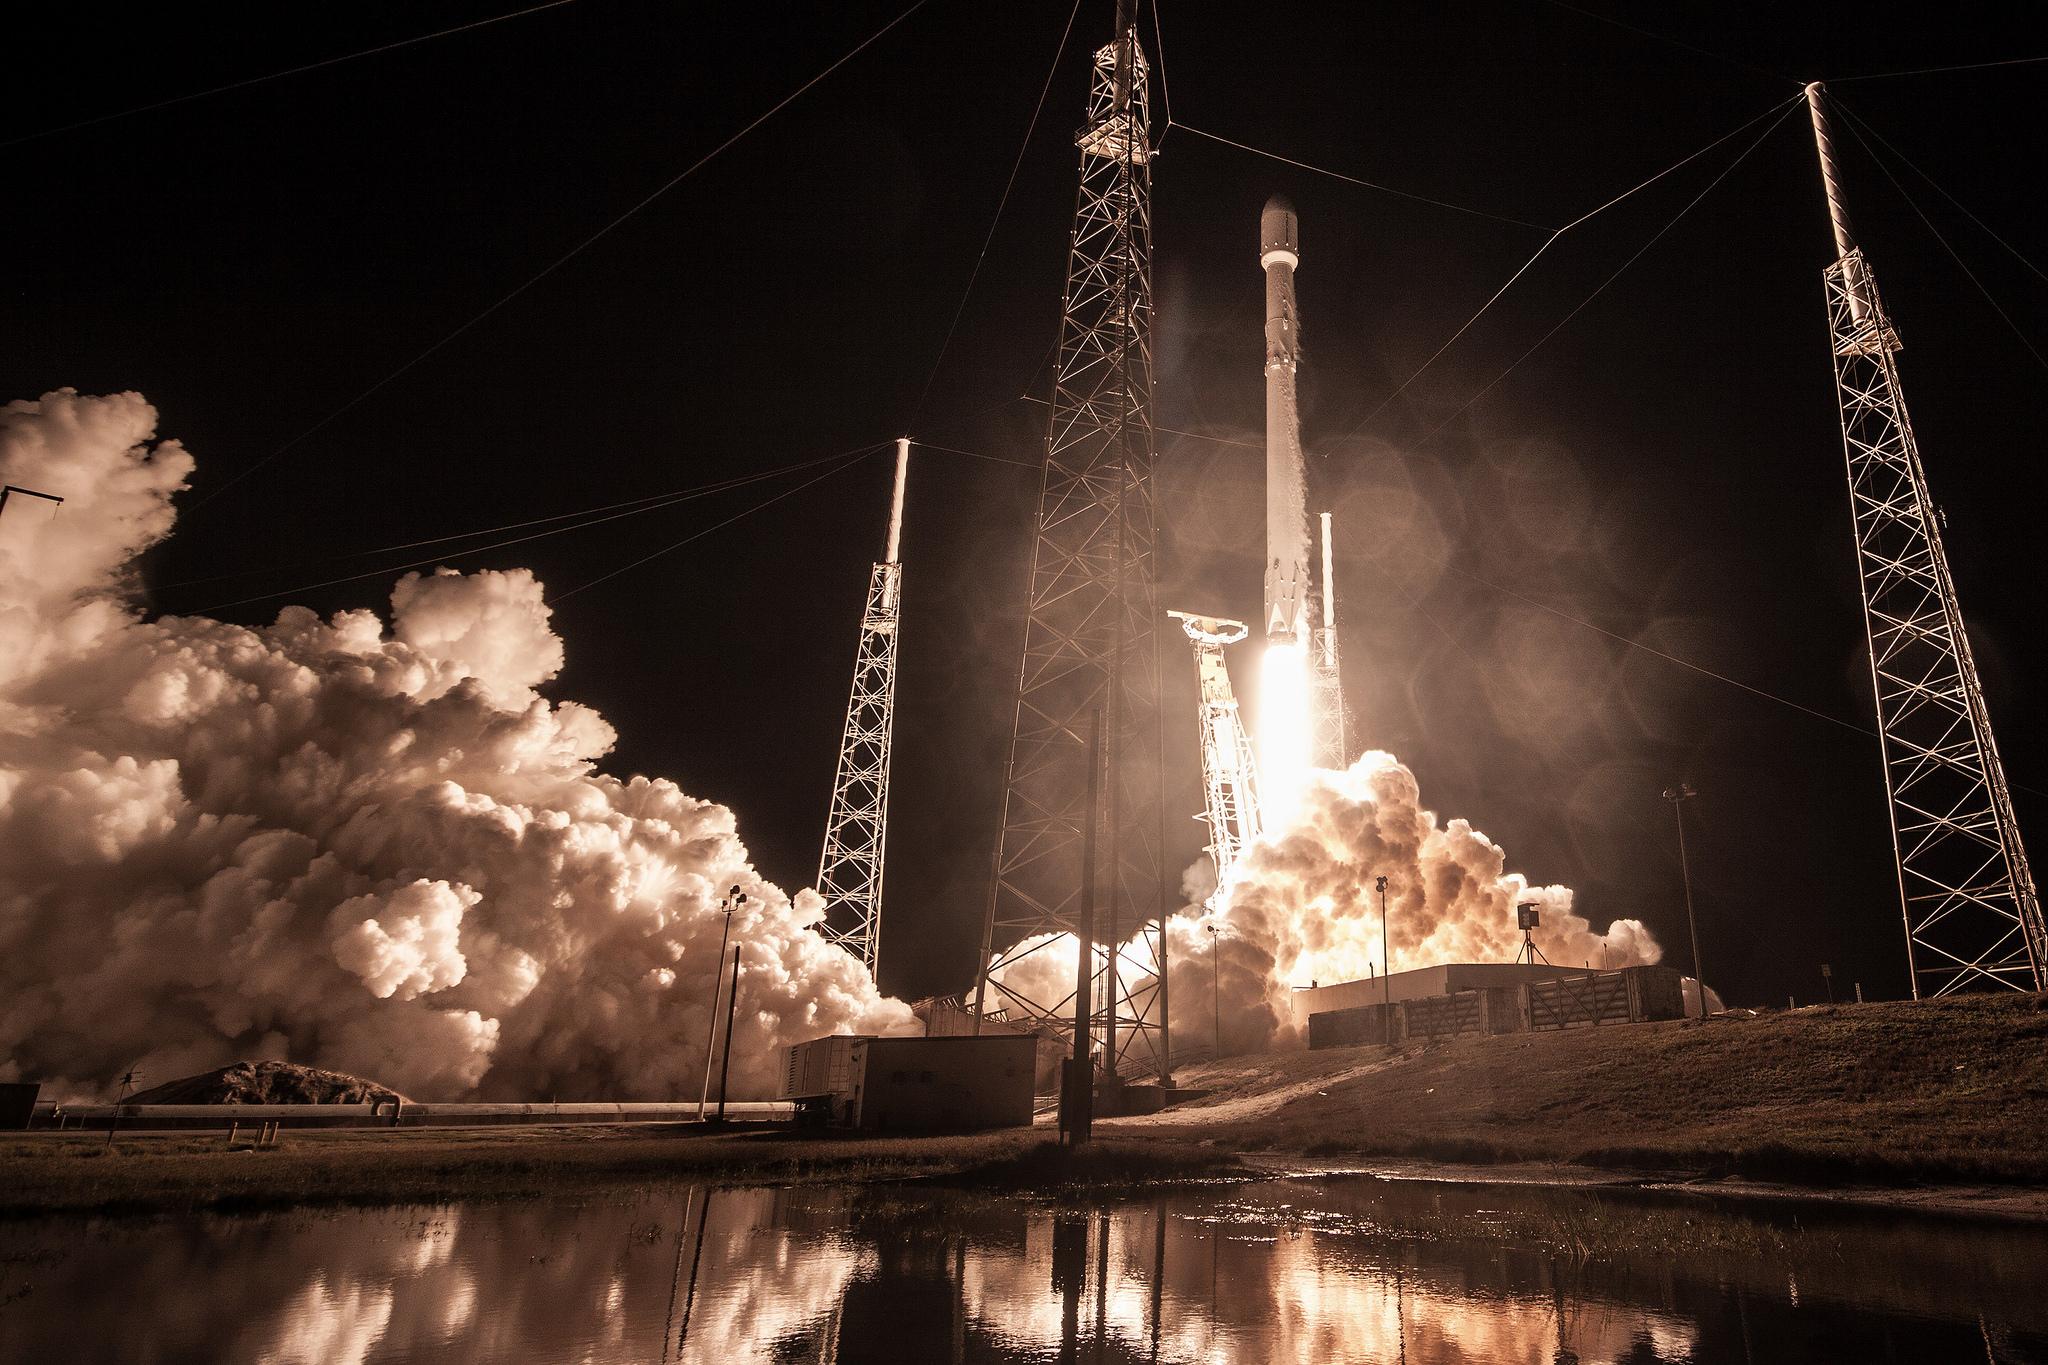 zuma spacecraft - photo #18